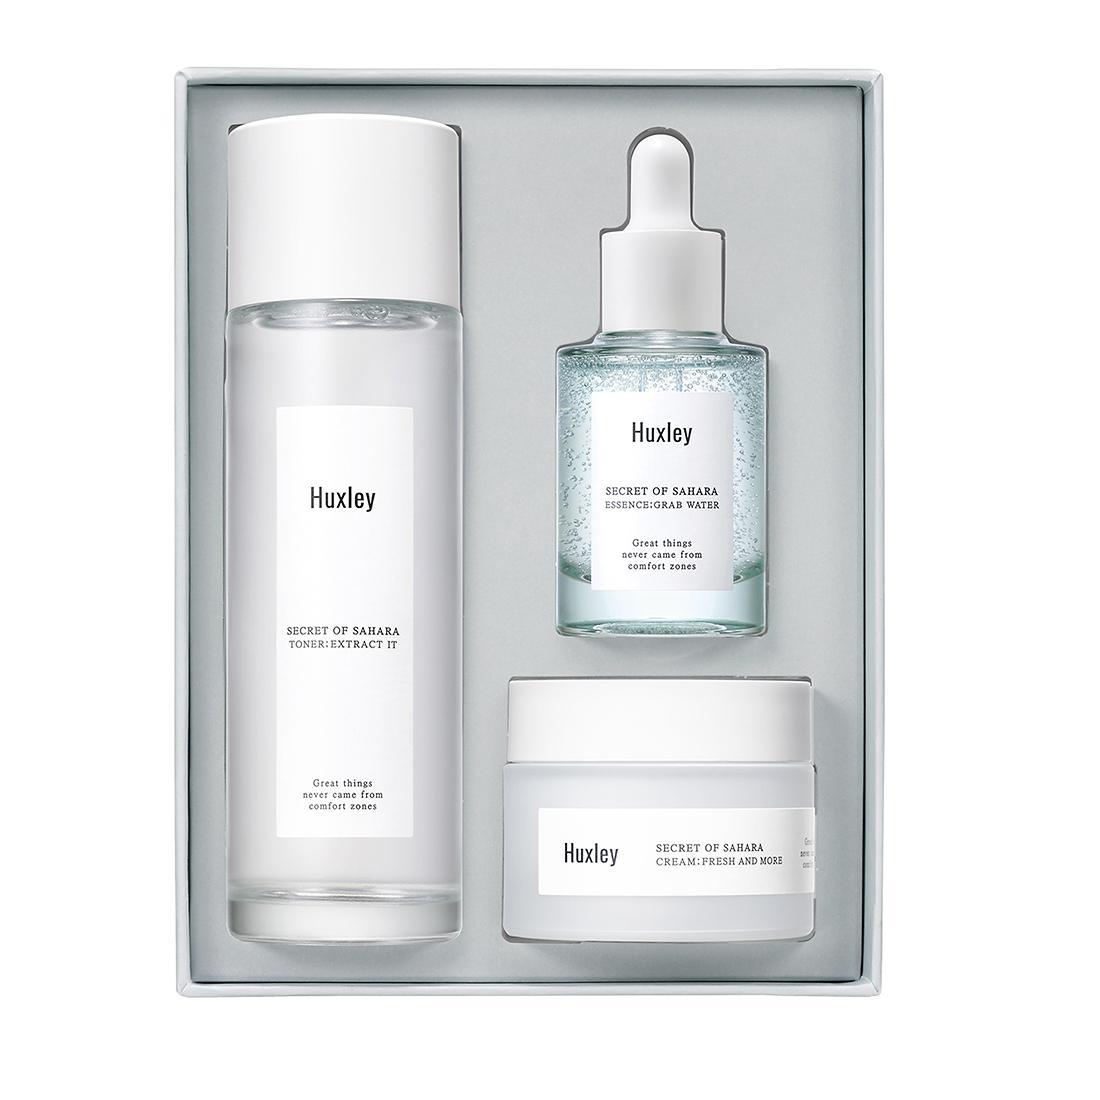 Hình ảnh Bộ sản phẩm dưỡng ẩm phục hồi da cao cấp Huxley - Hydration Care Set (Toner Extract It, Essecen Grap Water, Cream Fresh and More)